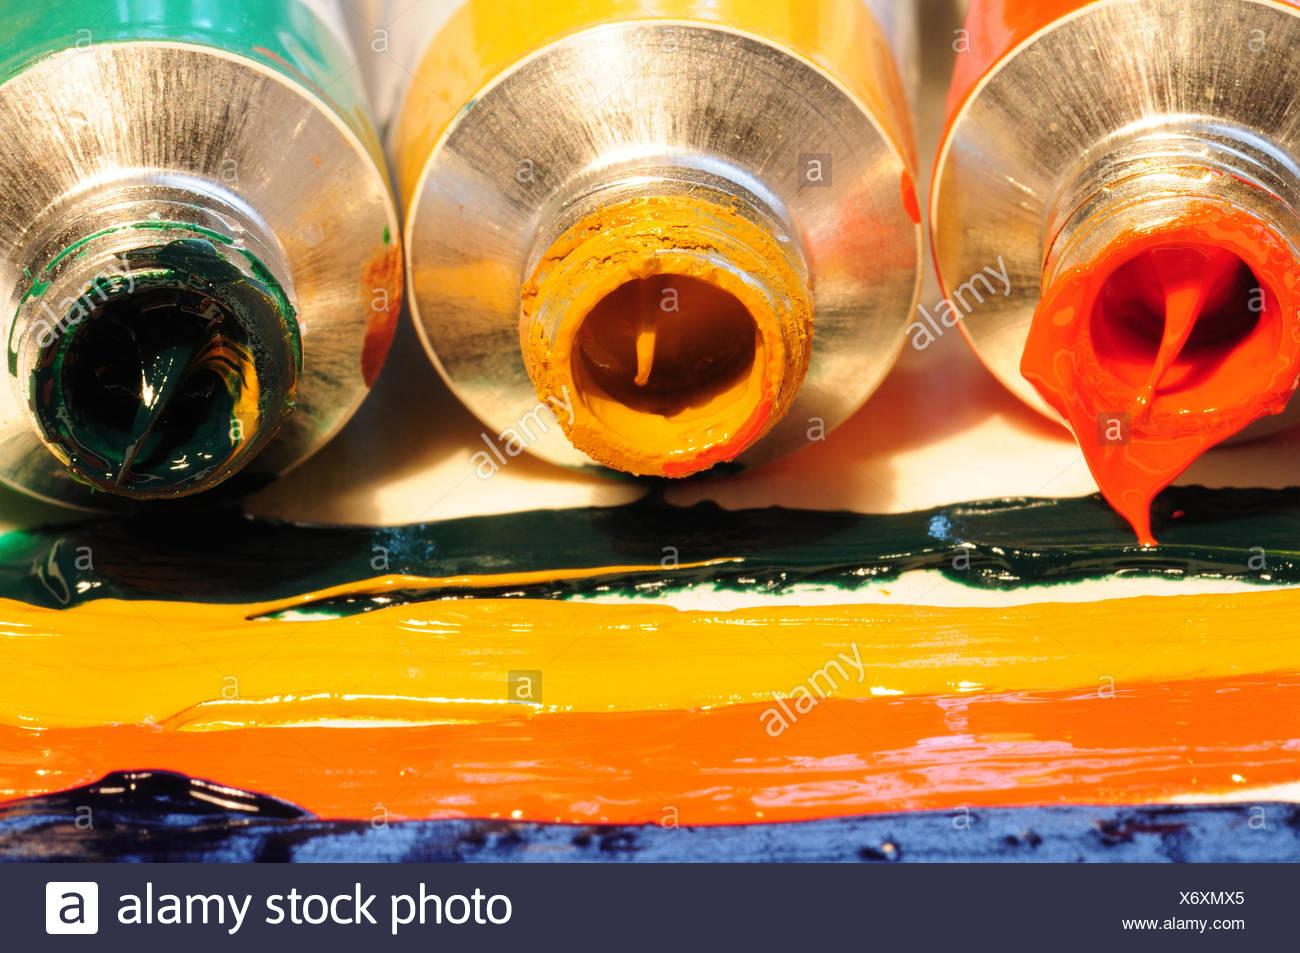 Leinwandfarben Imagenes De Stock Leinwandfarben Fotos De Stock Alamy